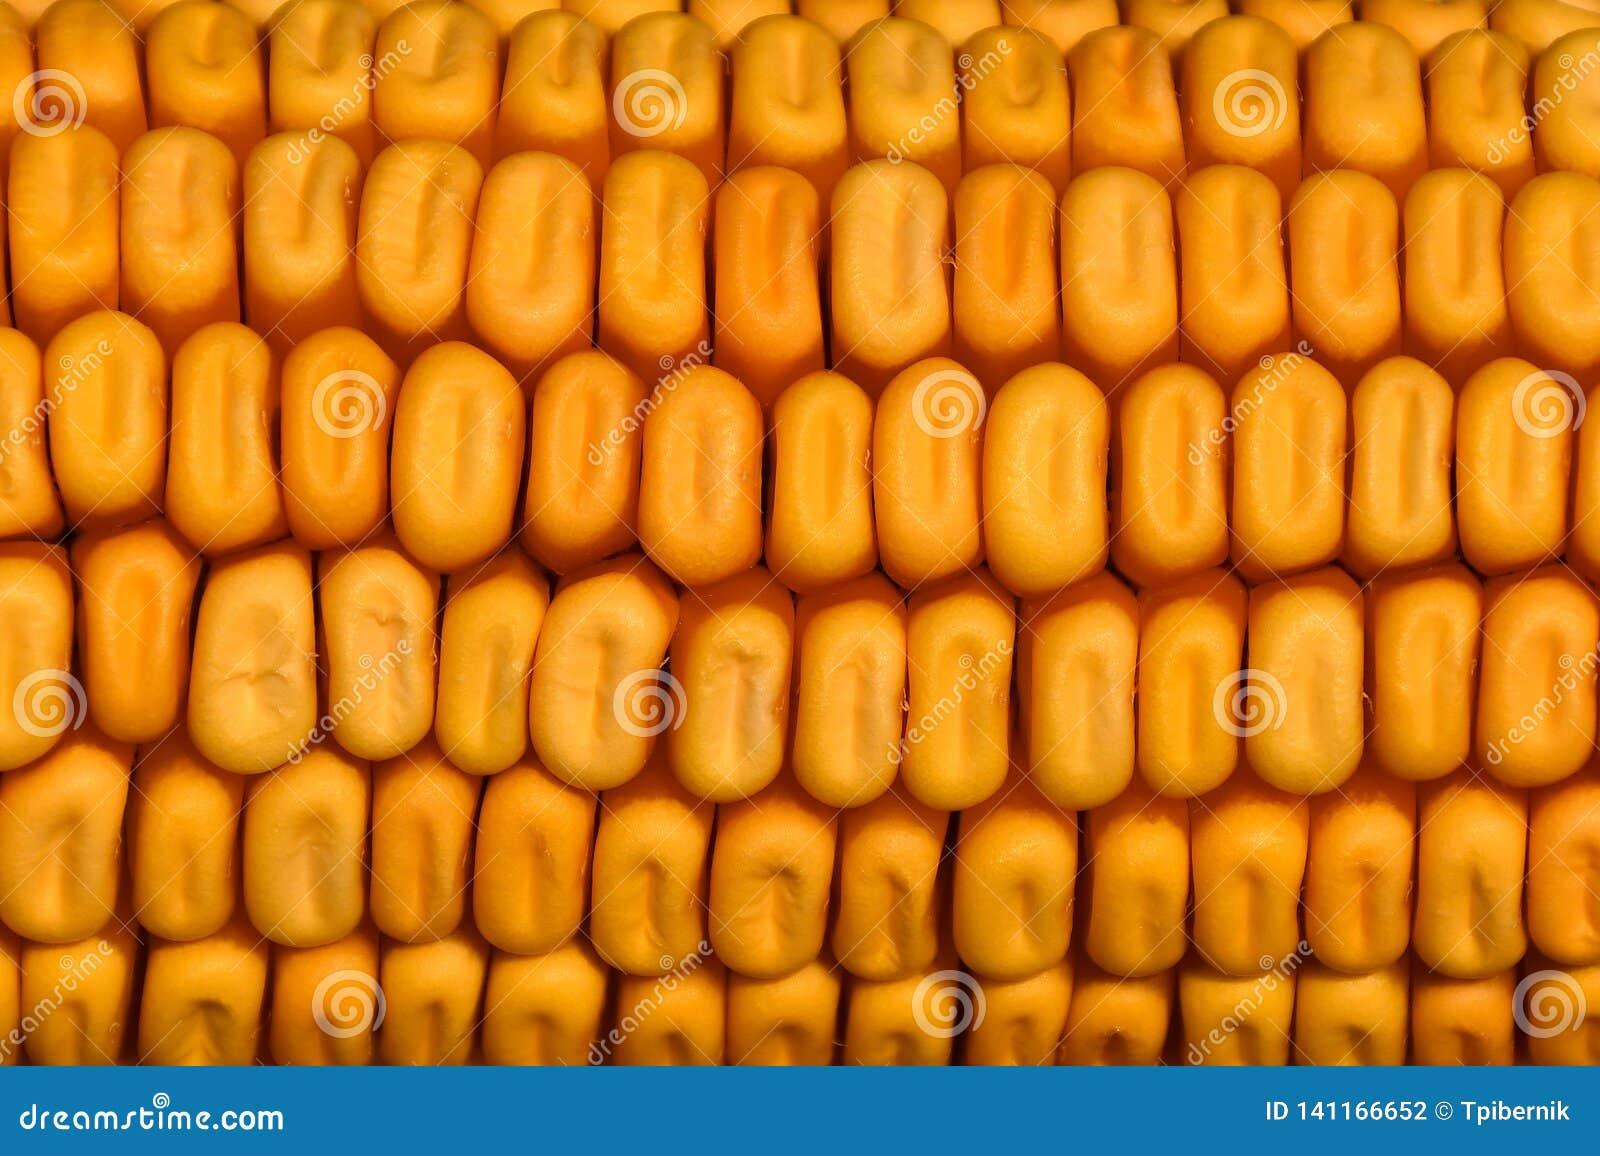 Tekstura szczegółowy złoty wysuszony kukurydzany cob